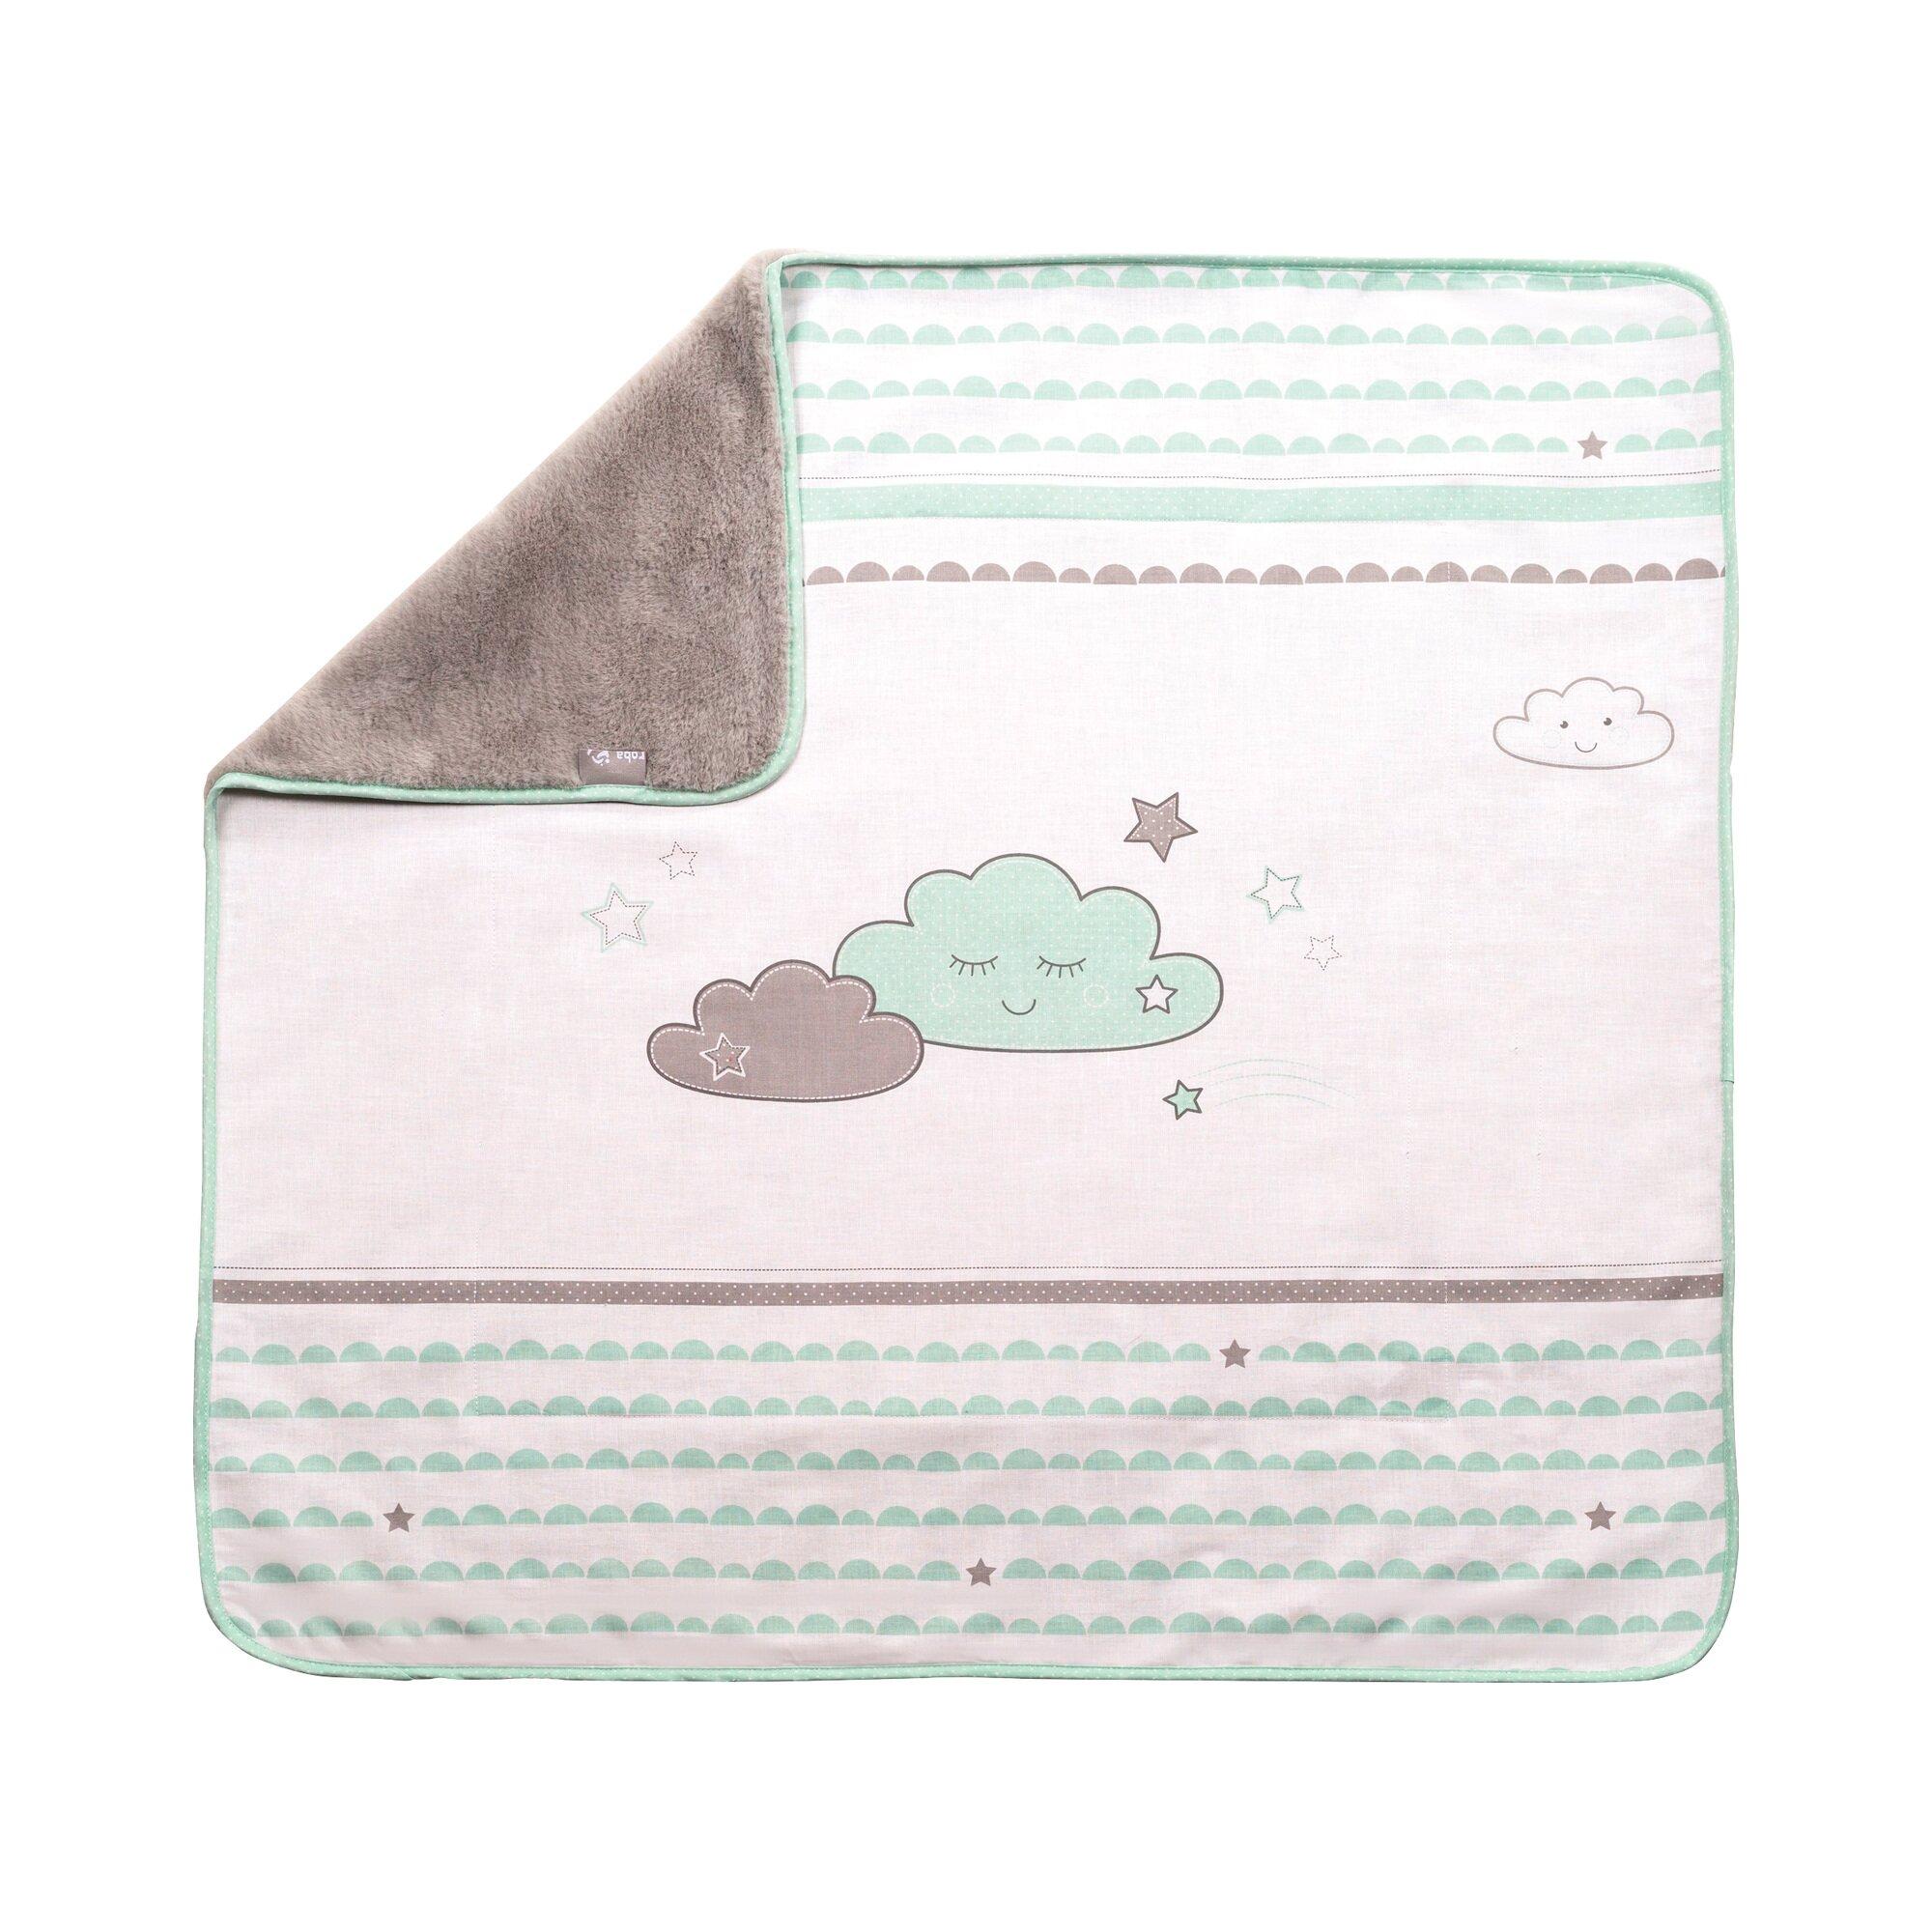 roba-kuscheldecke-happy-cloud-80x80-cm-weiss